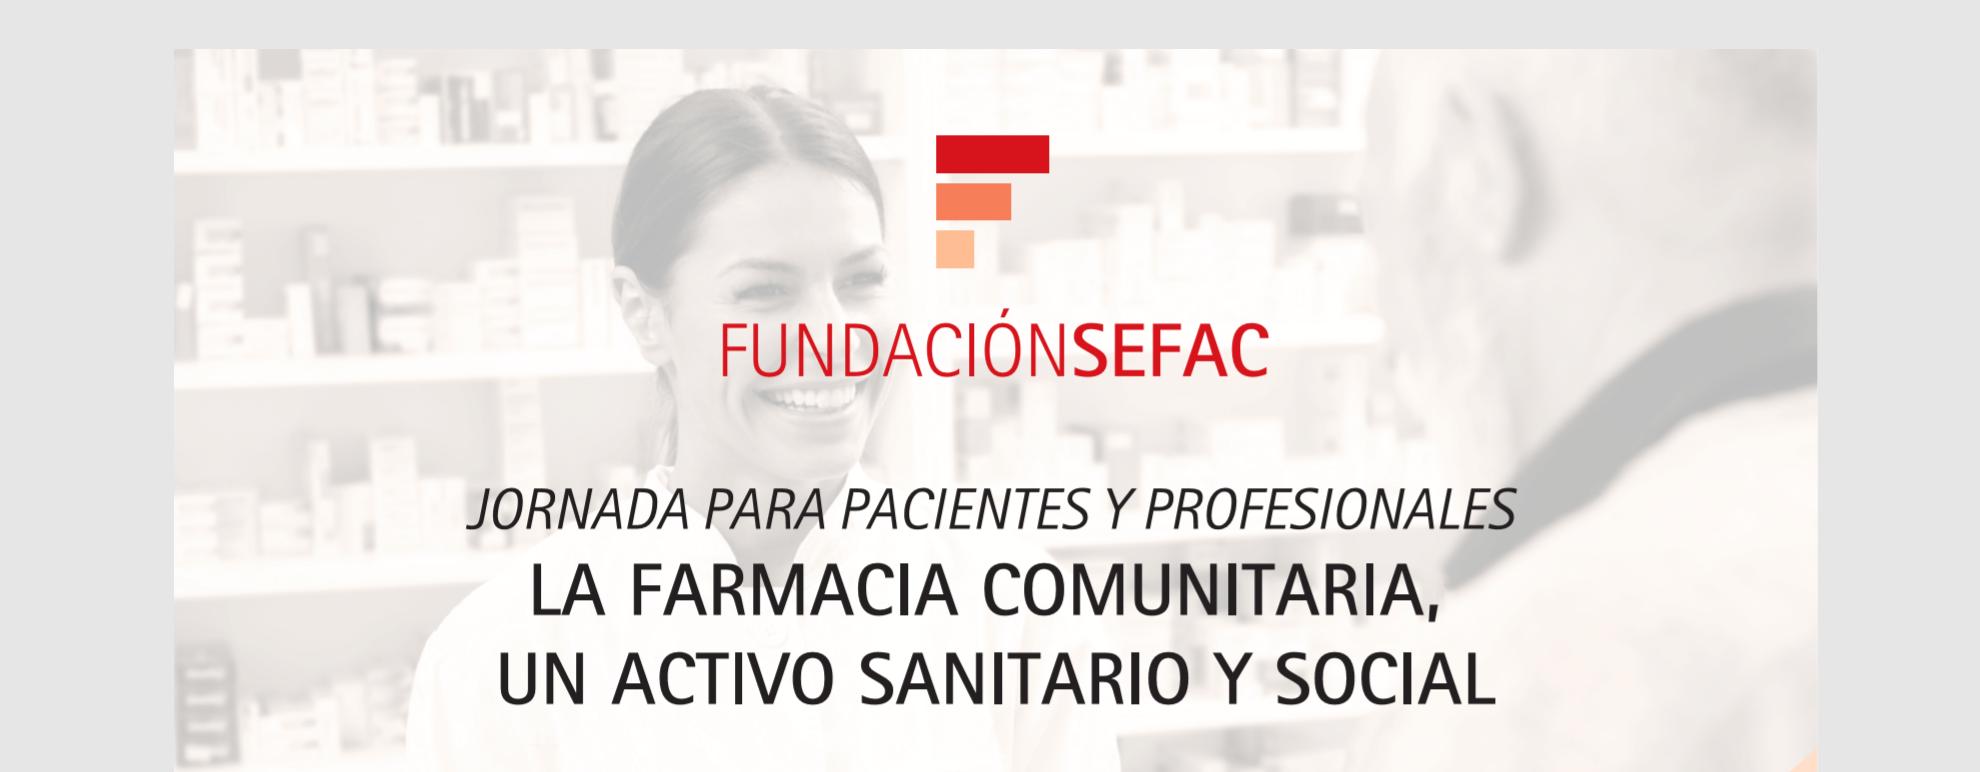 Fundación SEFAC